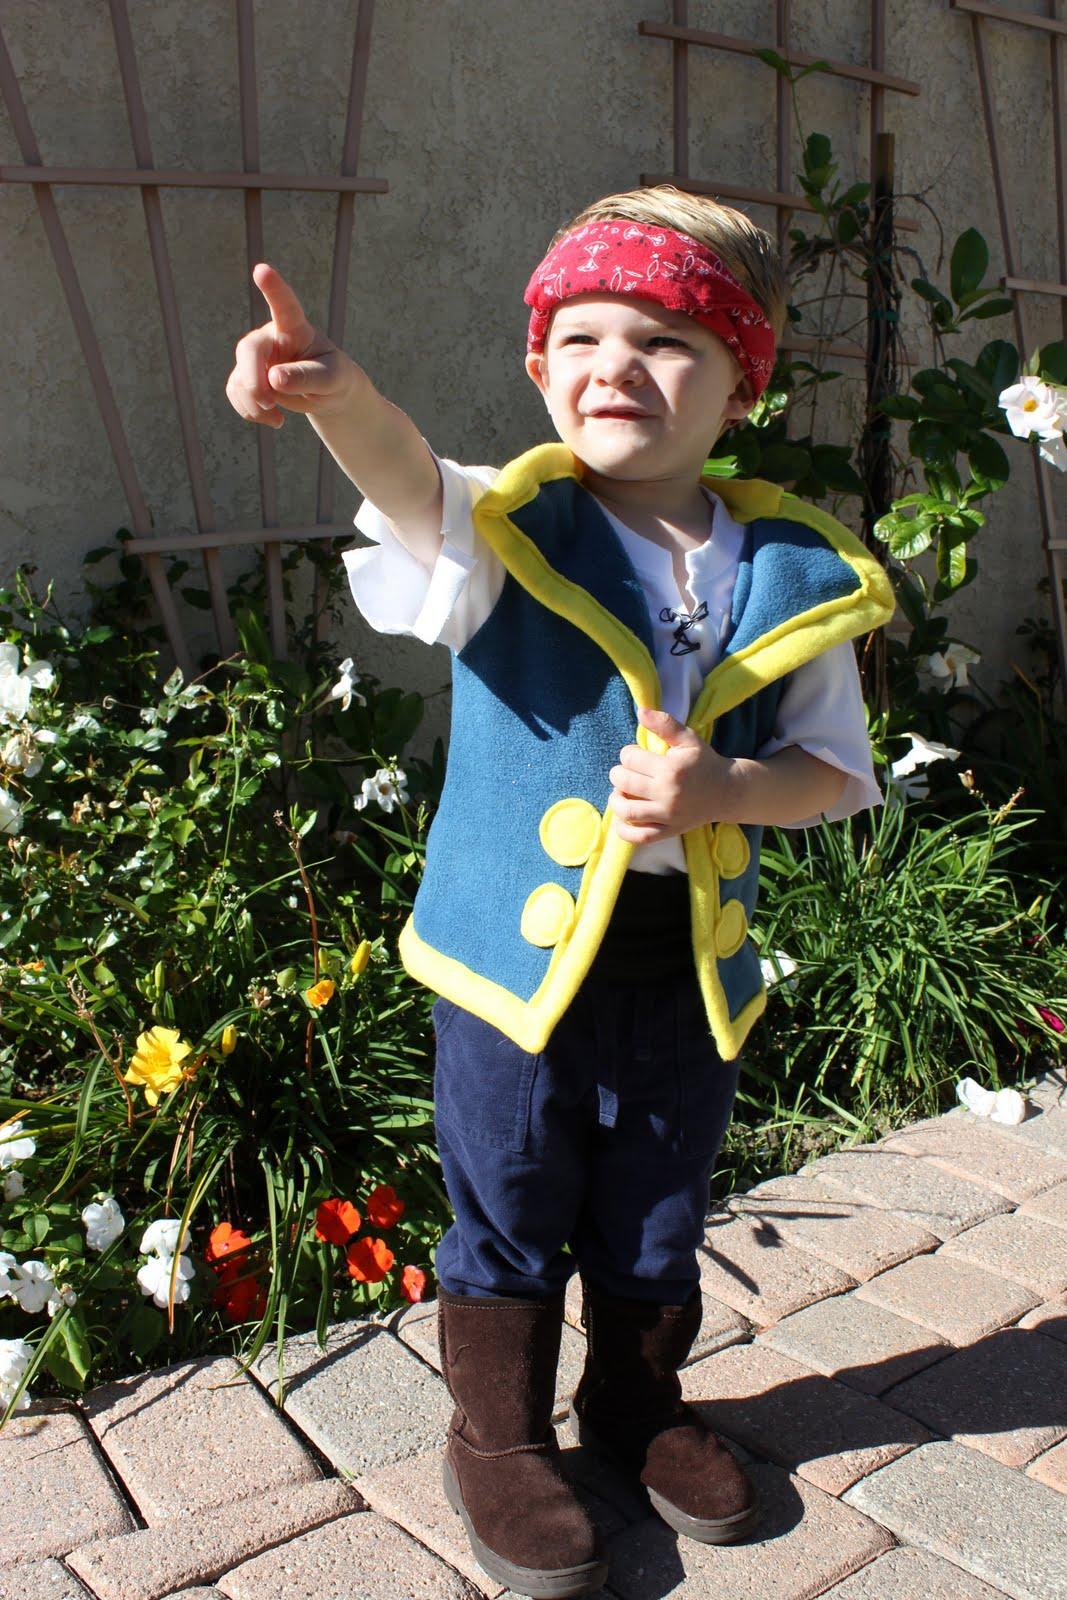 sc 1 st  Lu Bird Baby & Lu Bird Baby: Jake from Jake and the Neverland Pirates Costume Tutorial